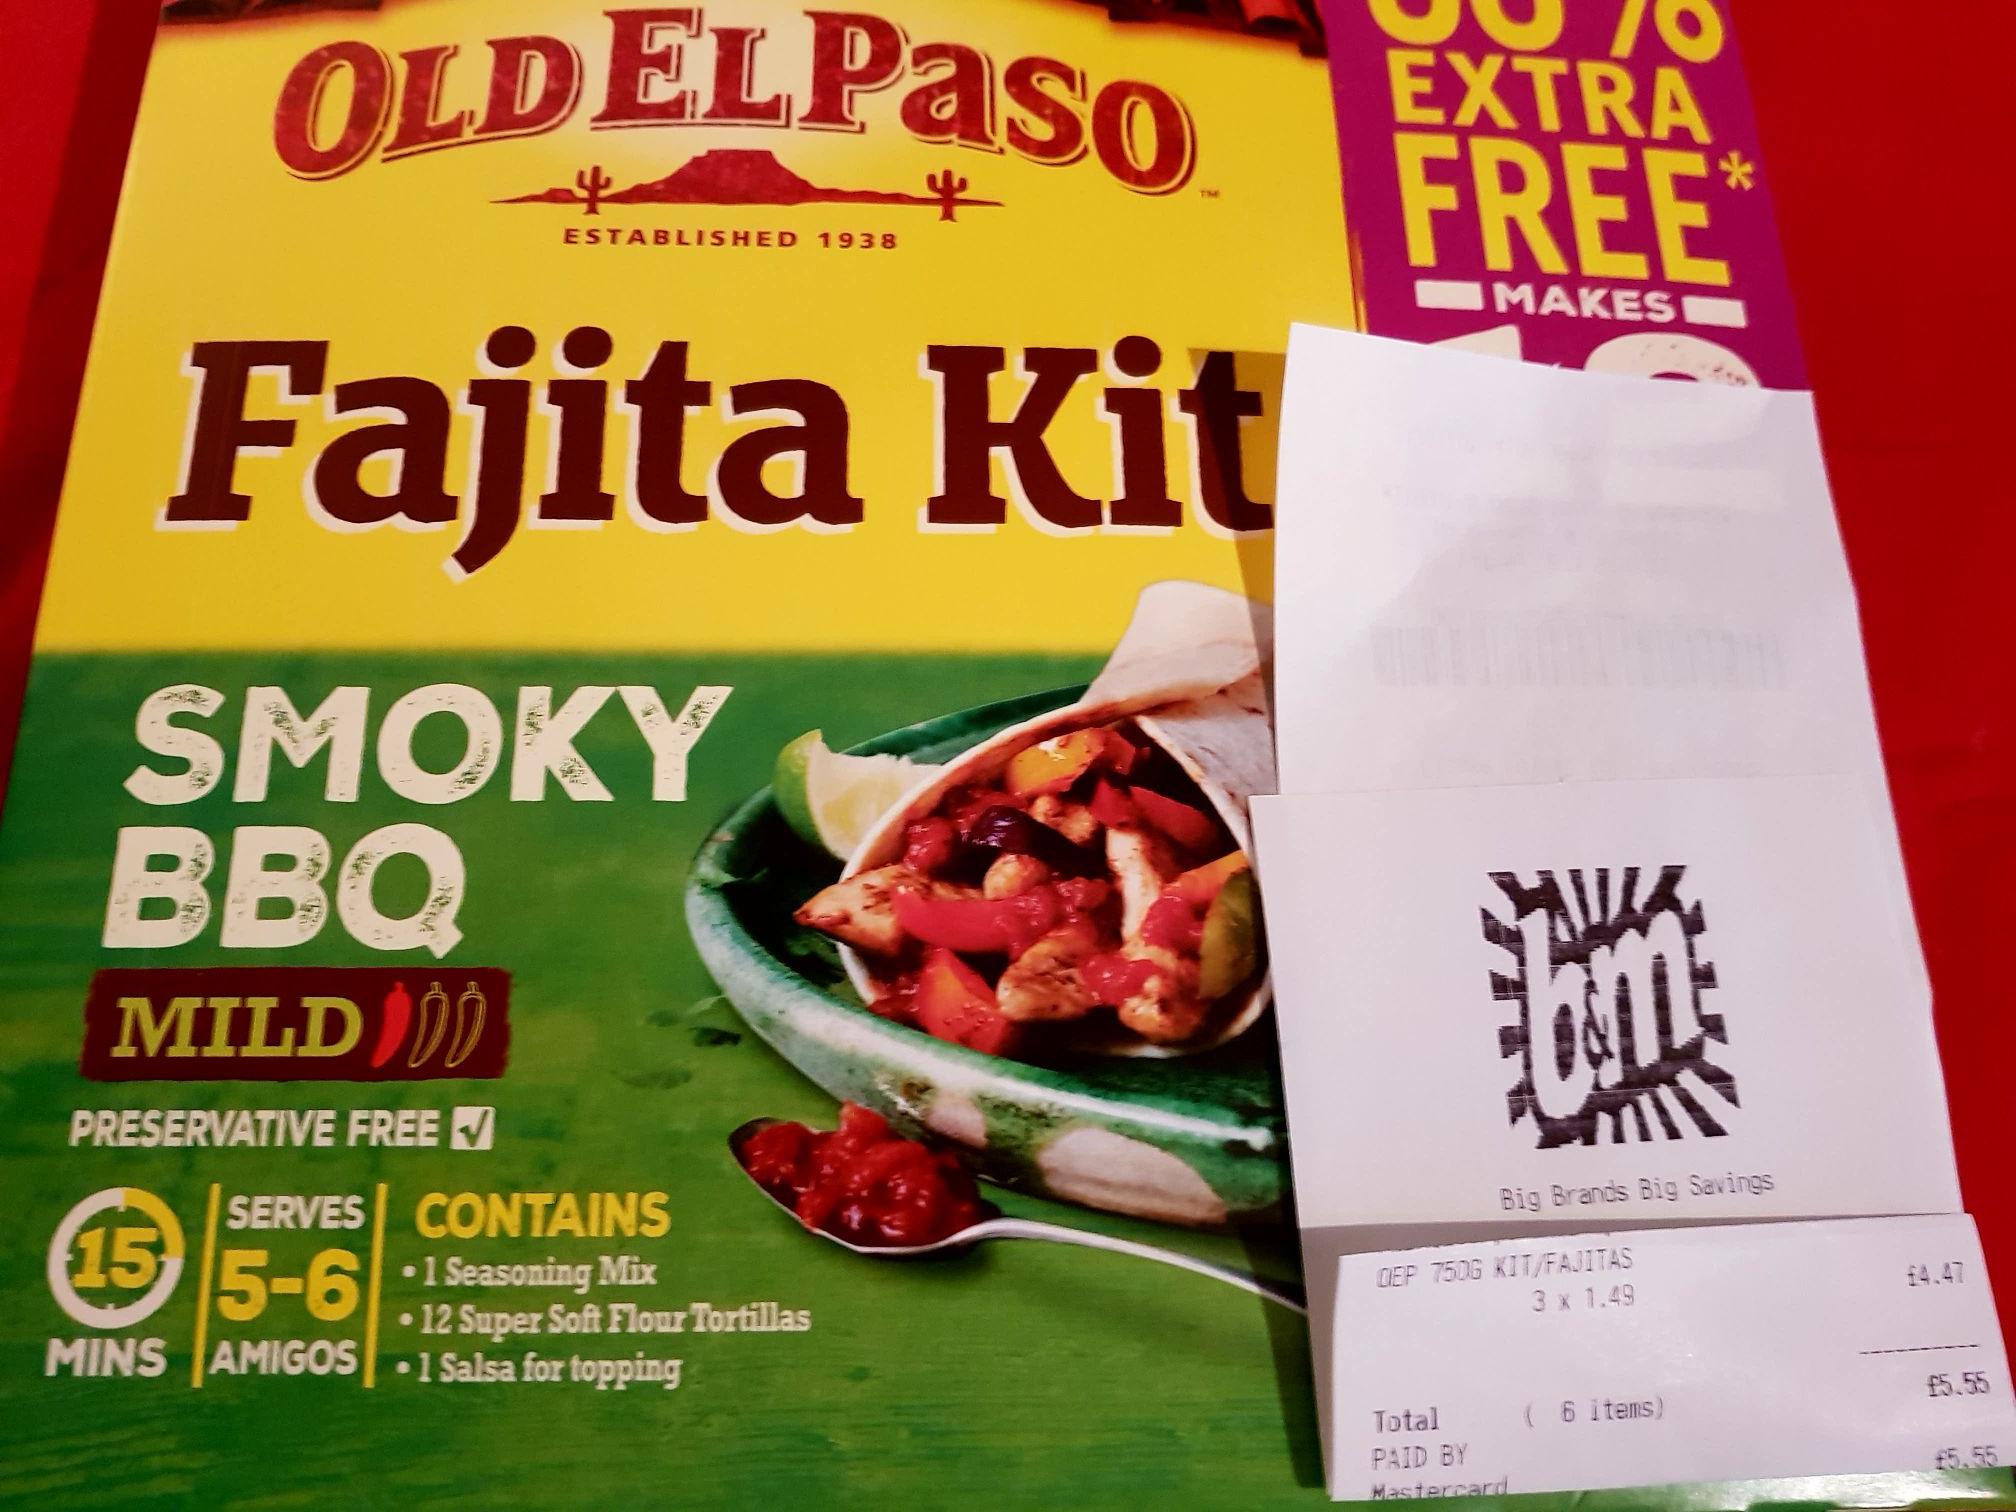 Fajita kit smoky bbq + 50% extra free £1.49 @ B&M